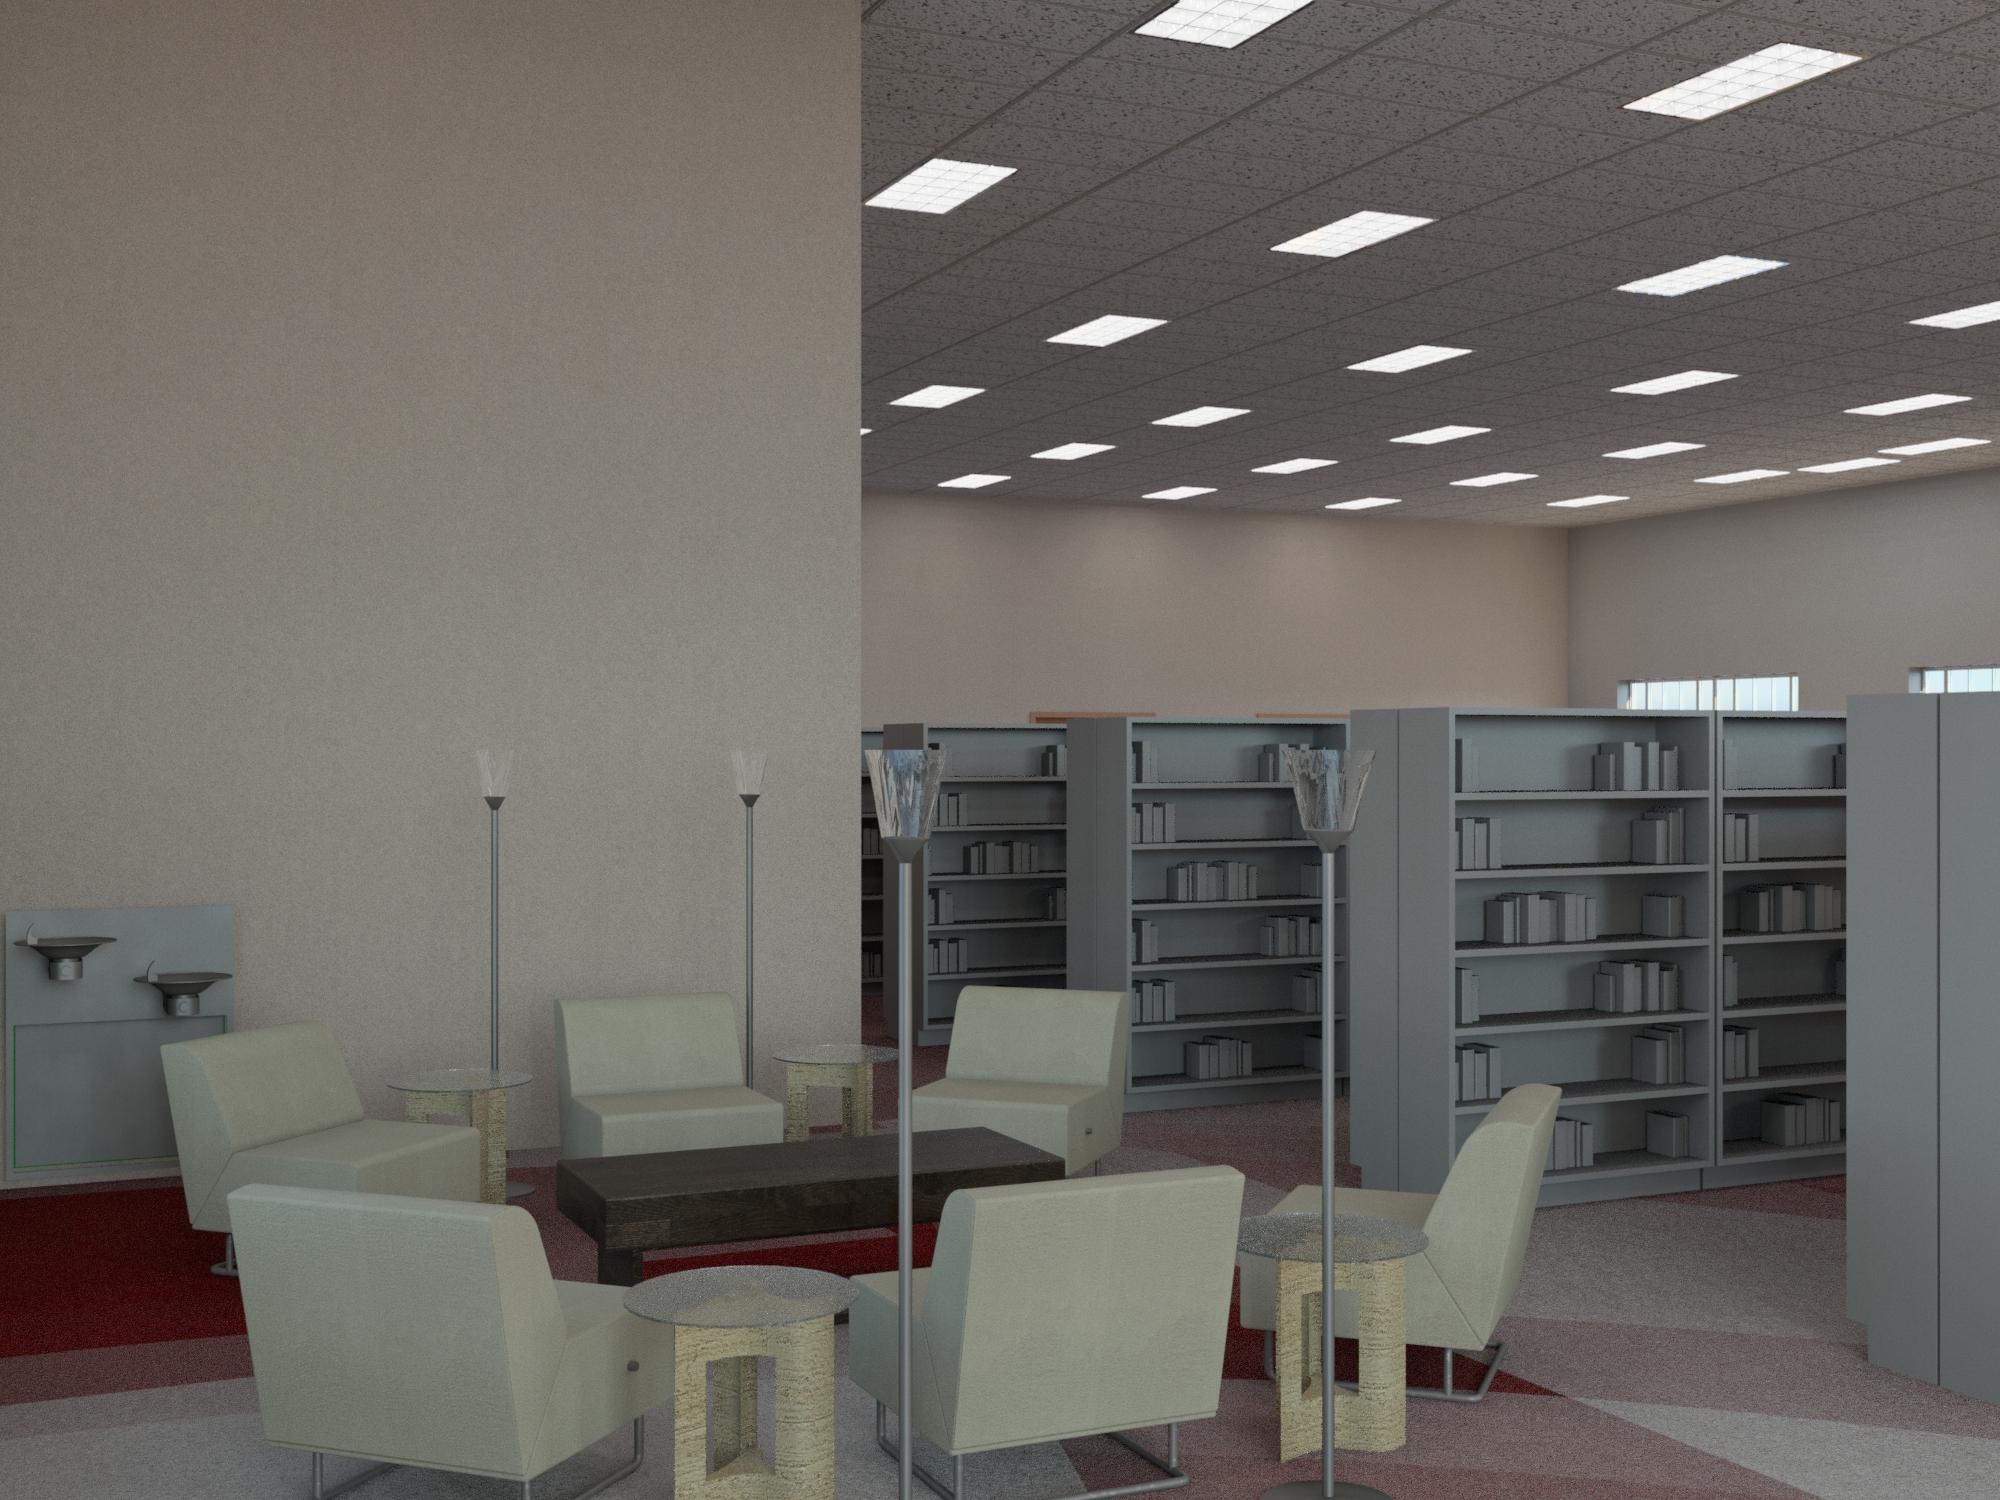 Raas-rendering20150526-10899-tmi6hl